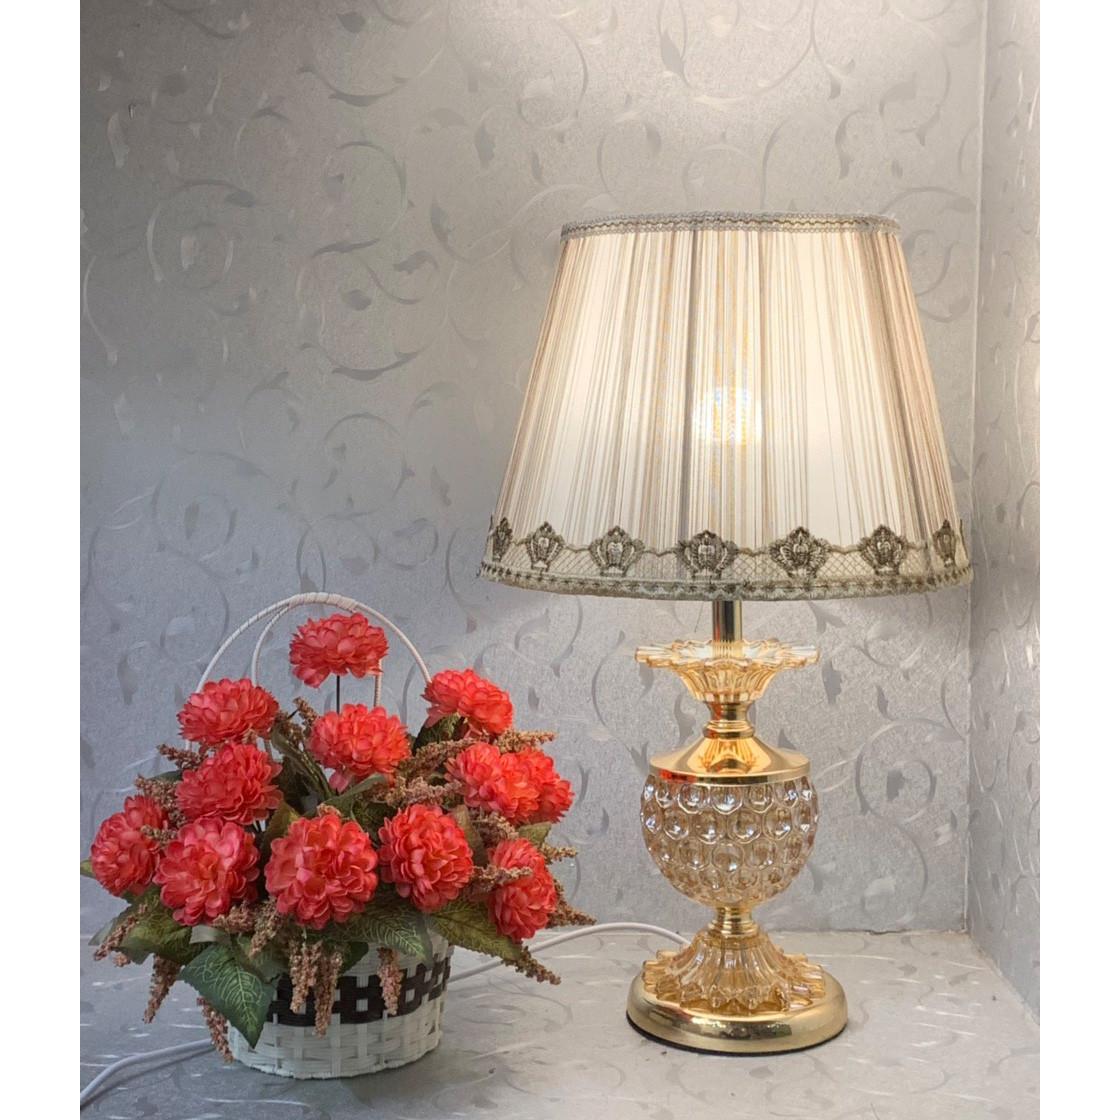 Đèn ngủ để bàn - đèn bàn trang trí - đèn đọc sách hiện đại MB6982